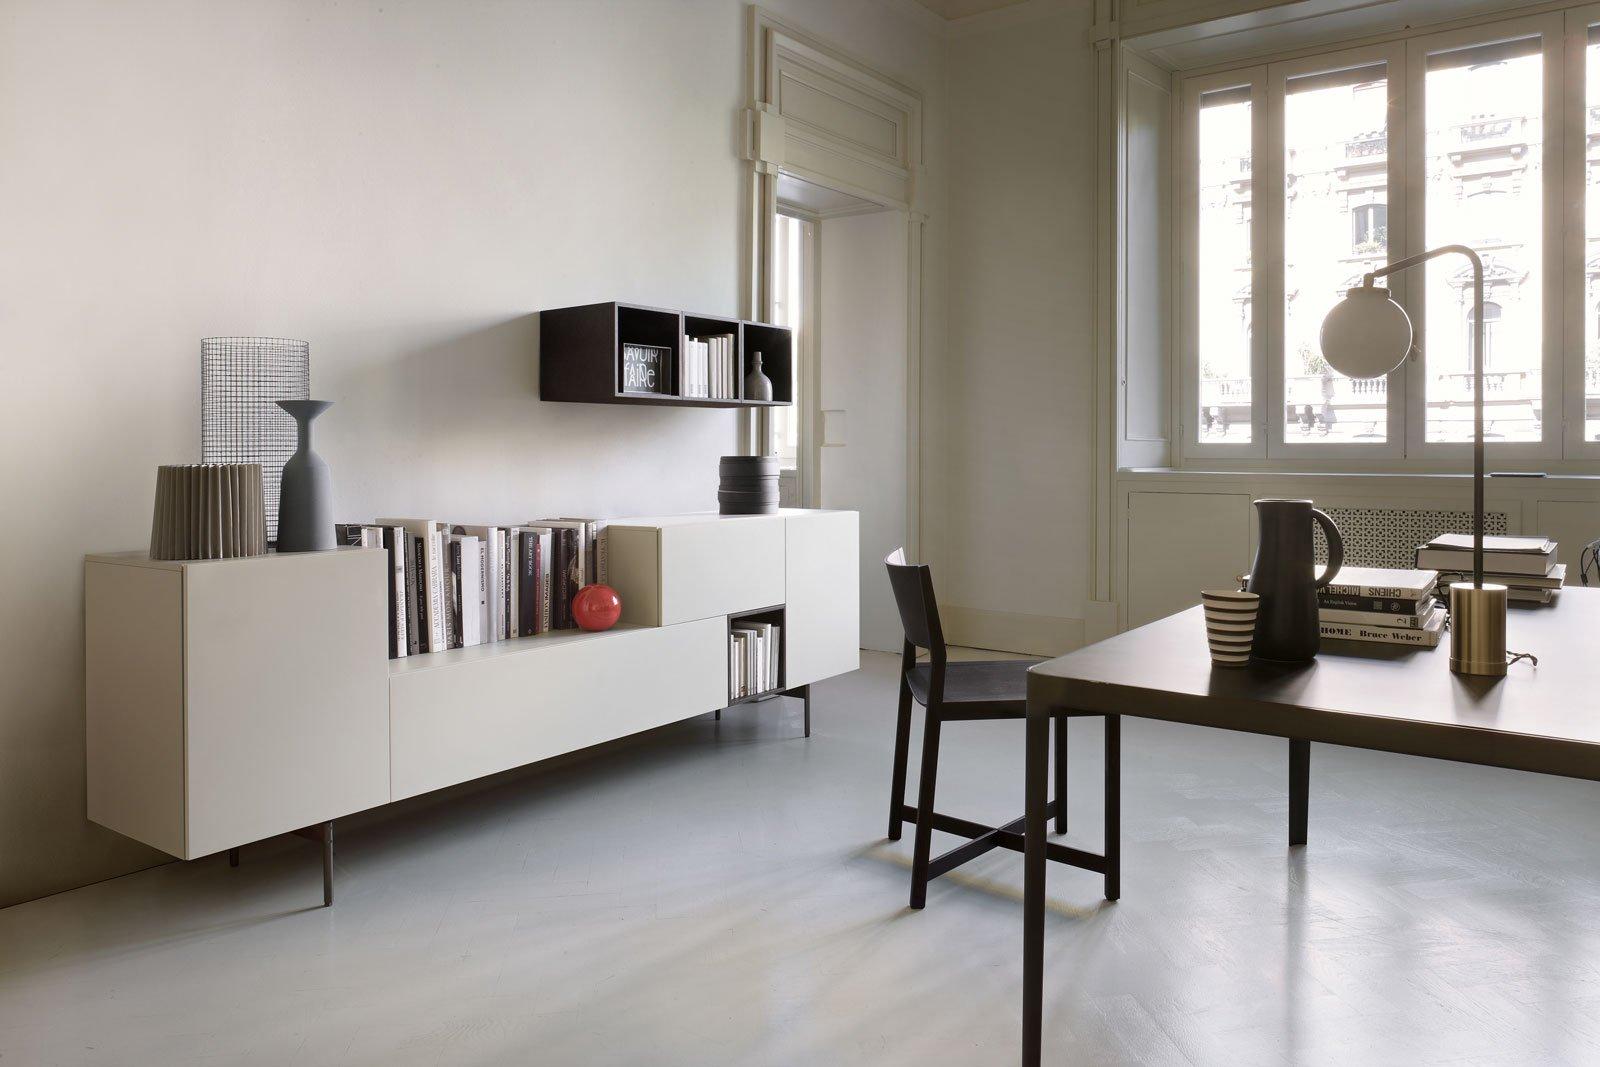 Cose di casa arredamento casa cucine camere bagno normativa - Syntilor rinnova tutto speciale mobili ...